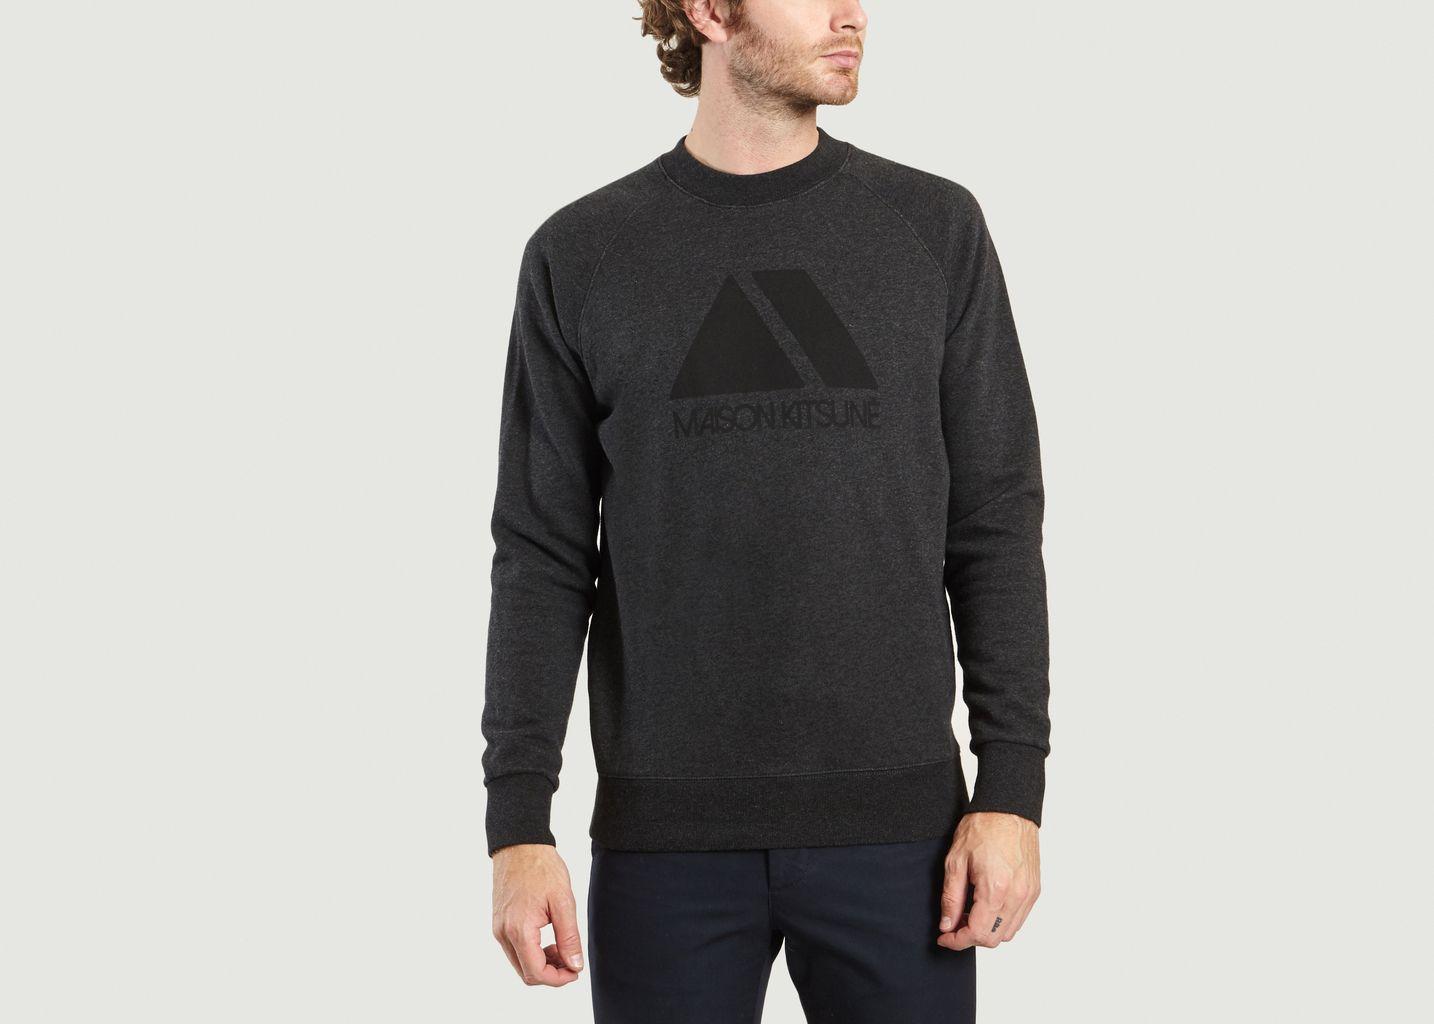 50 Soldes Maison À Kitsuné L Sweatshirt Anthracite Triangle ZqqHf6T7Y